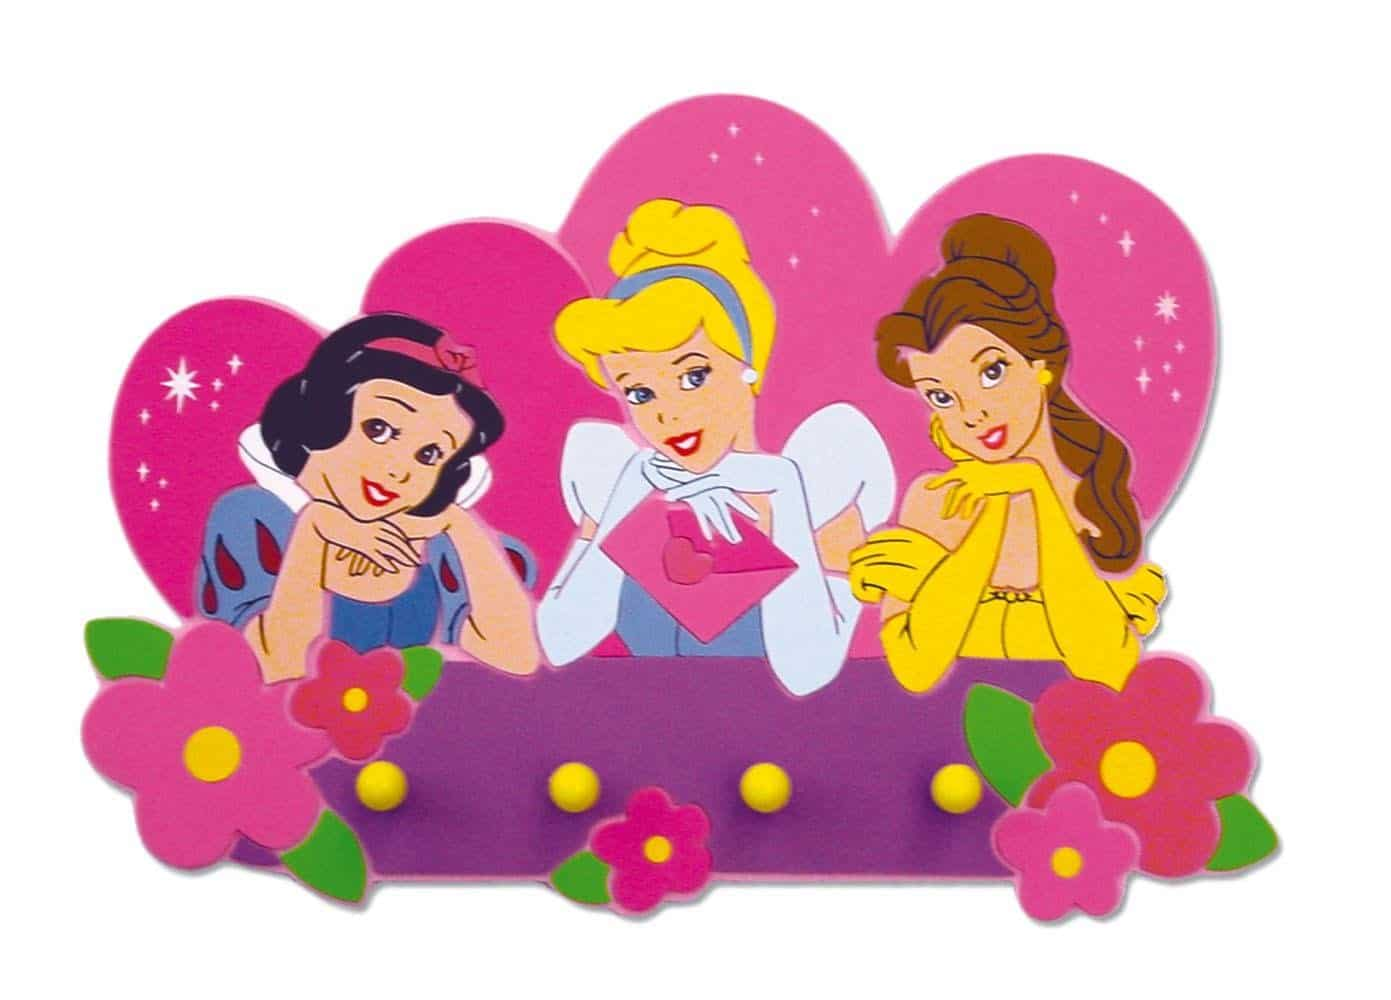 DisneyRangement Princesses Porte Murale Manteau Accorche Et W2I9EHDY